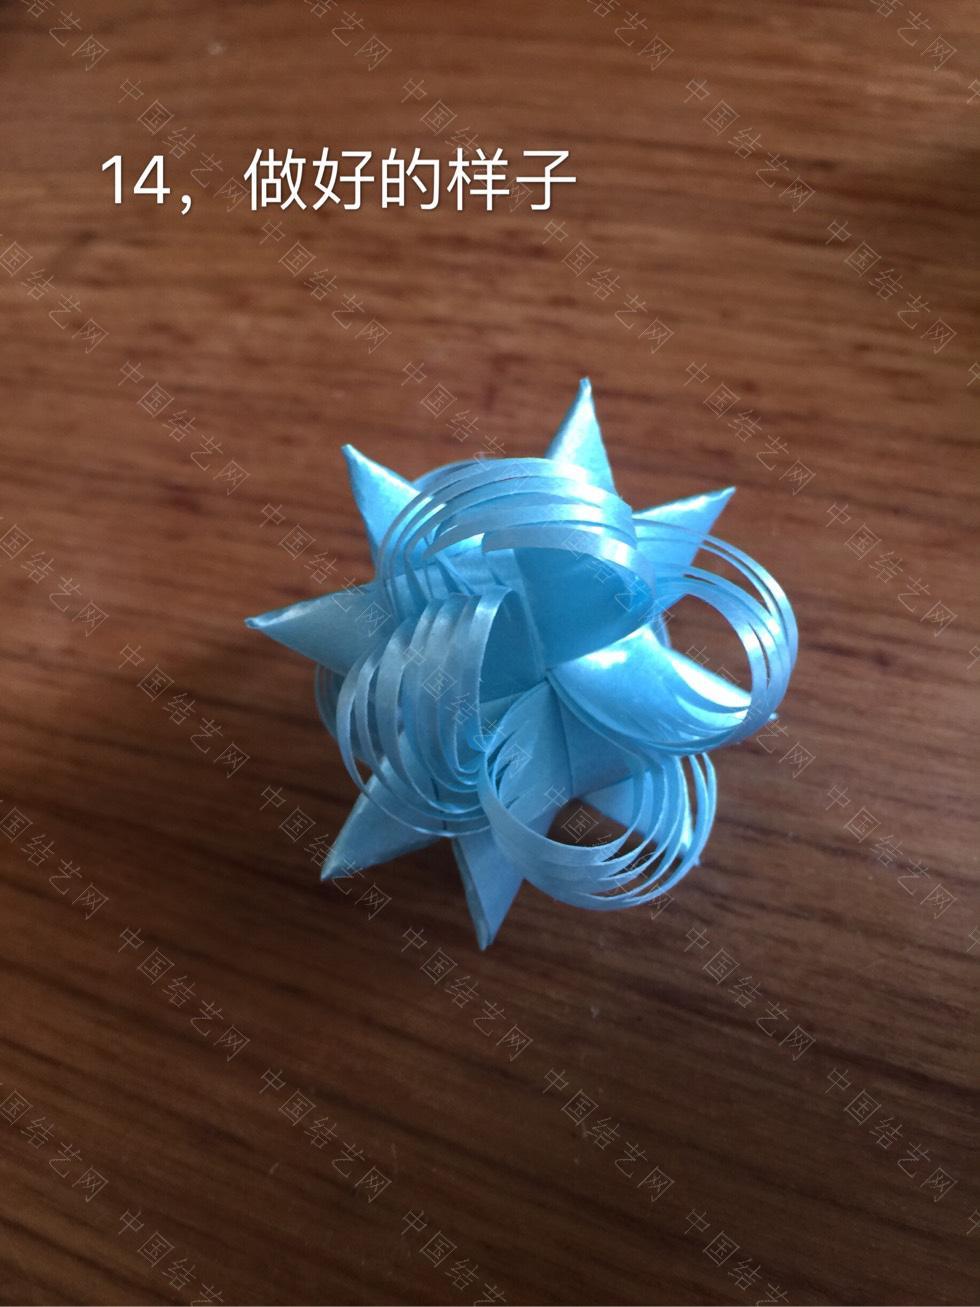 中国结论坛 丝带风铃——八角花  图文教程区 104921lnccs9ndc58saaz5